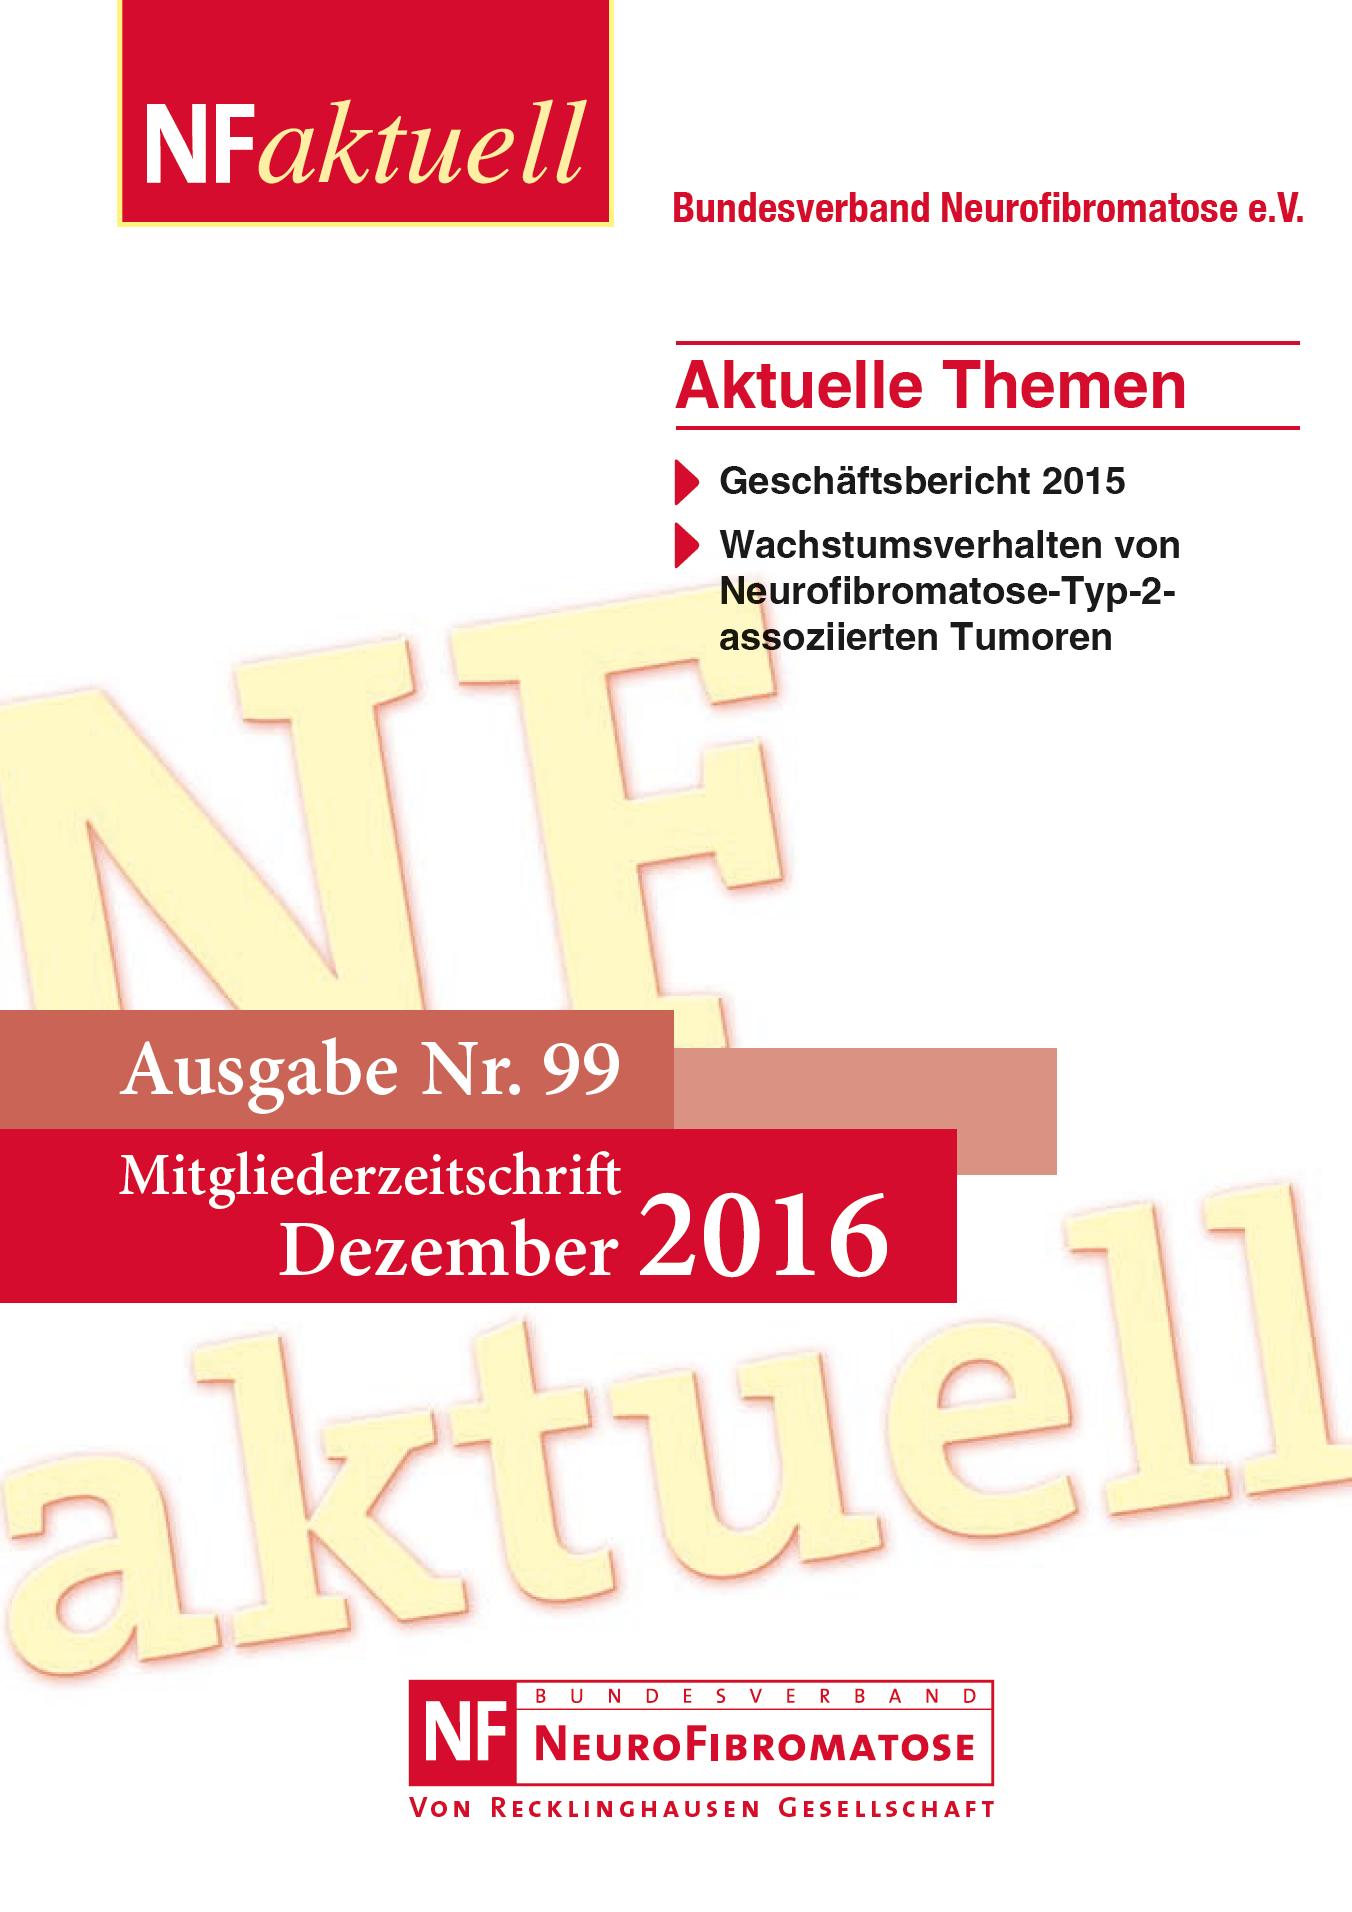 NFaktuell-99-dezember-2016-titel